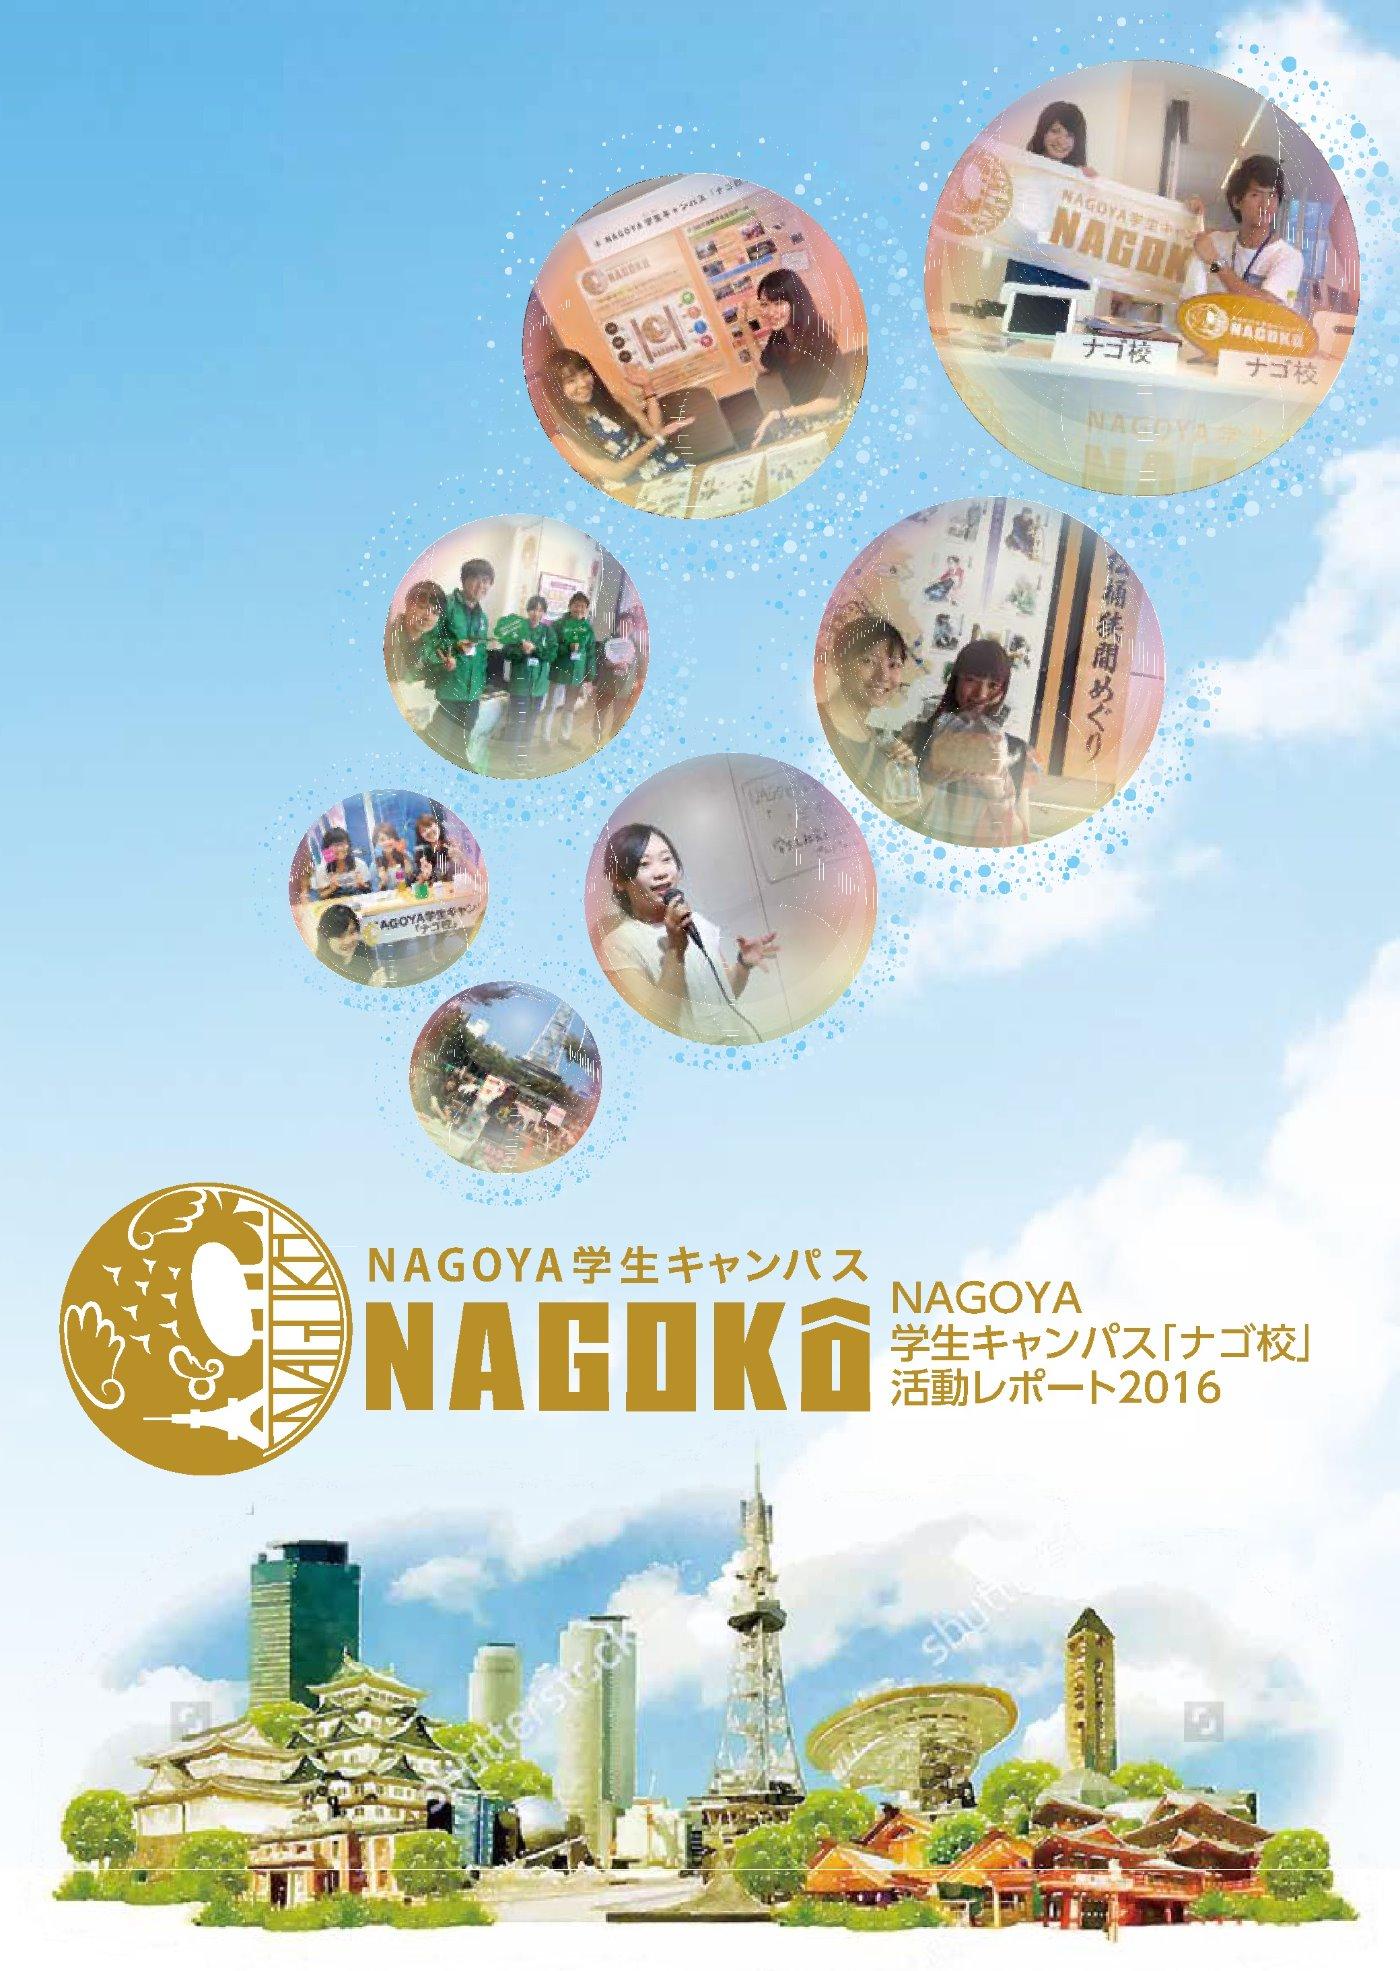 ナゴ校活動レポート2016 PDF(8.0MB)